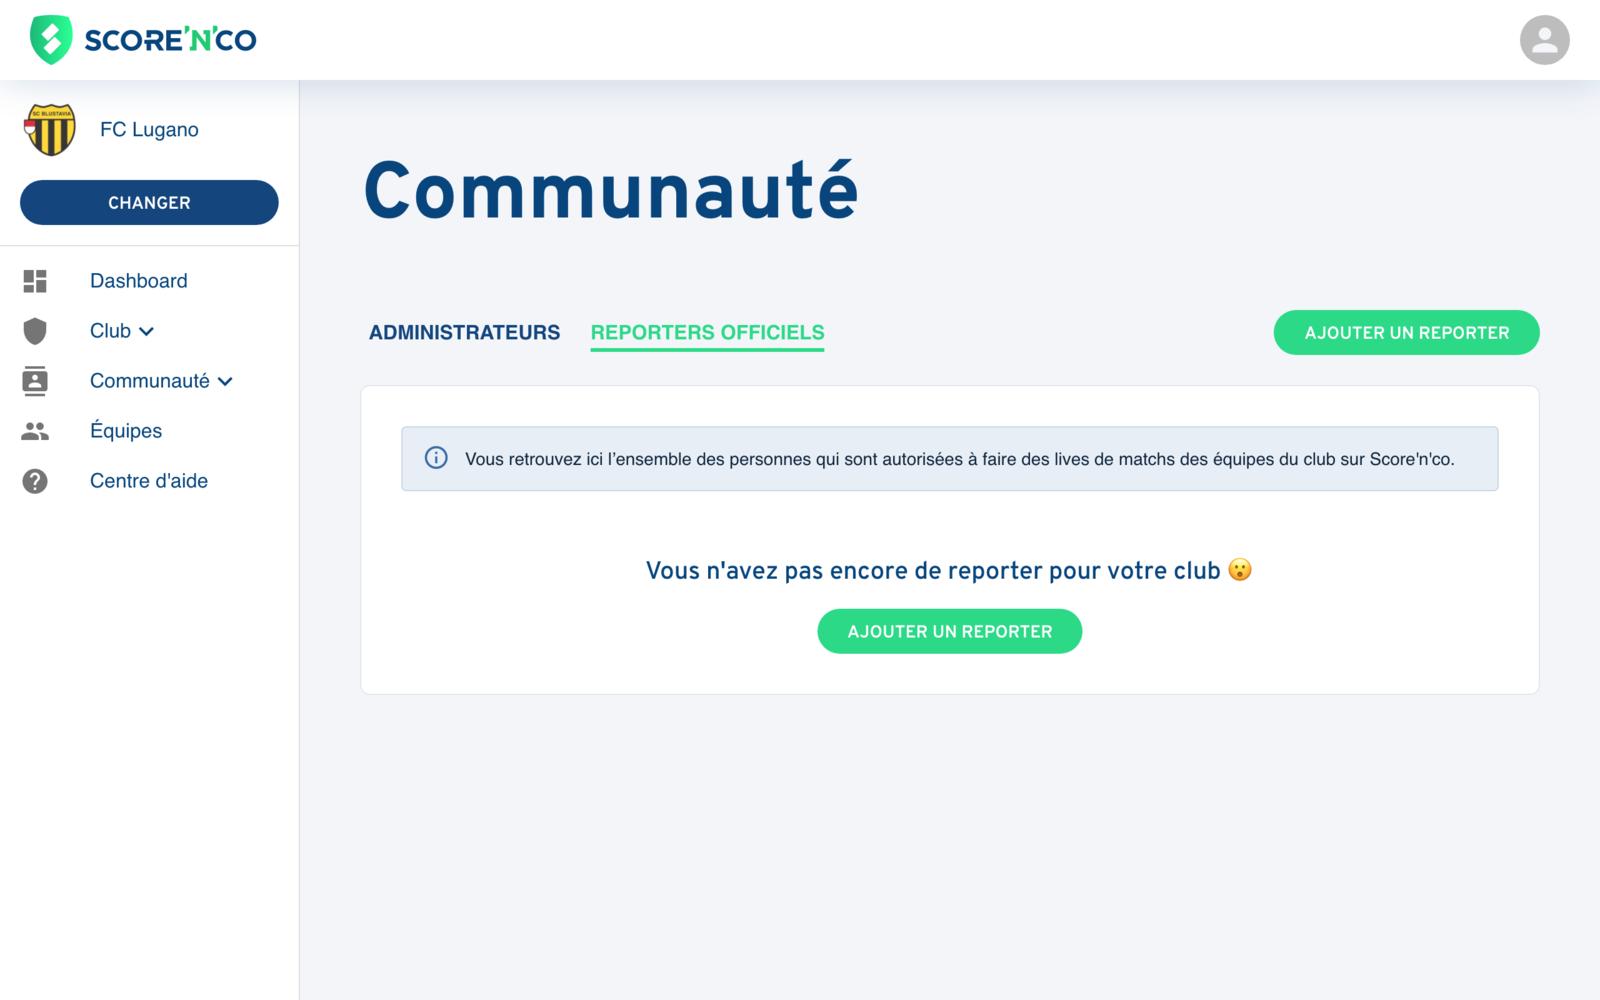 Rubrique Communauté - Onglet reporters - Score'n'co